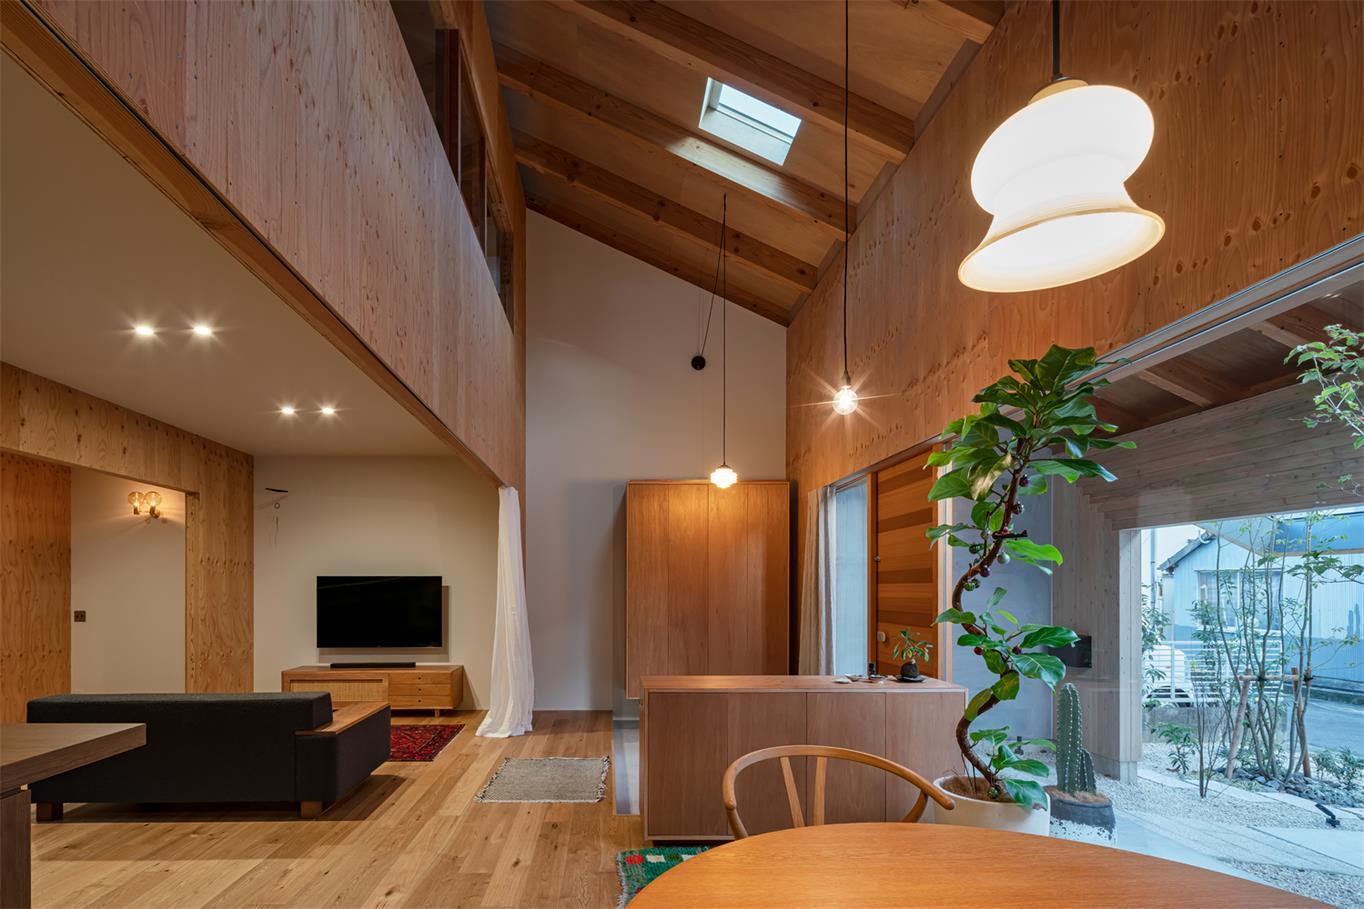 住宅一层灯光氛围设计